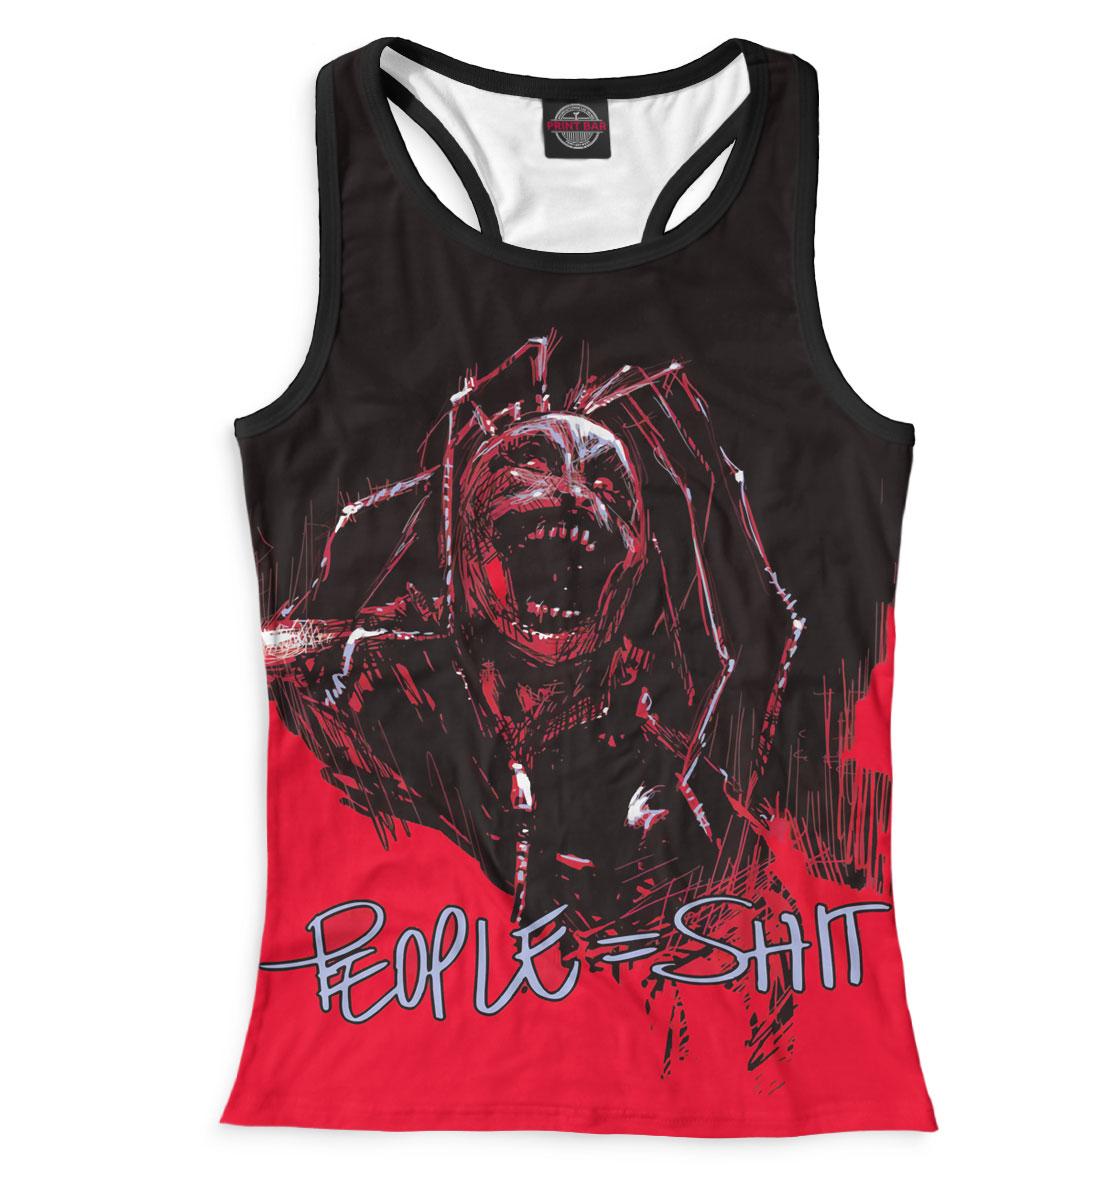 Купить Майка для девочки Slipknot SLI-334727-mayb-1